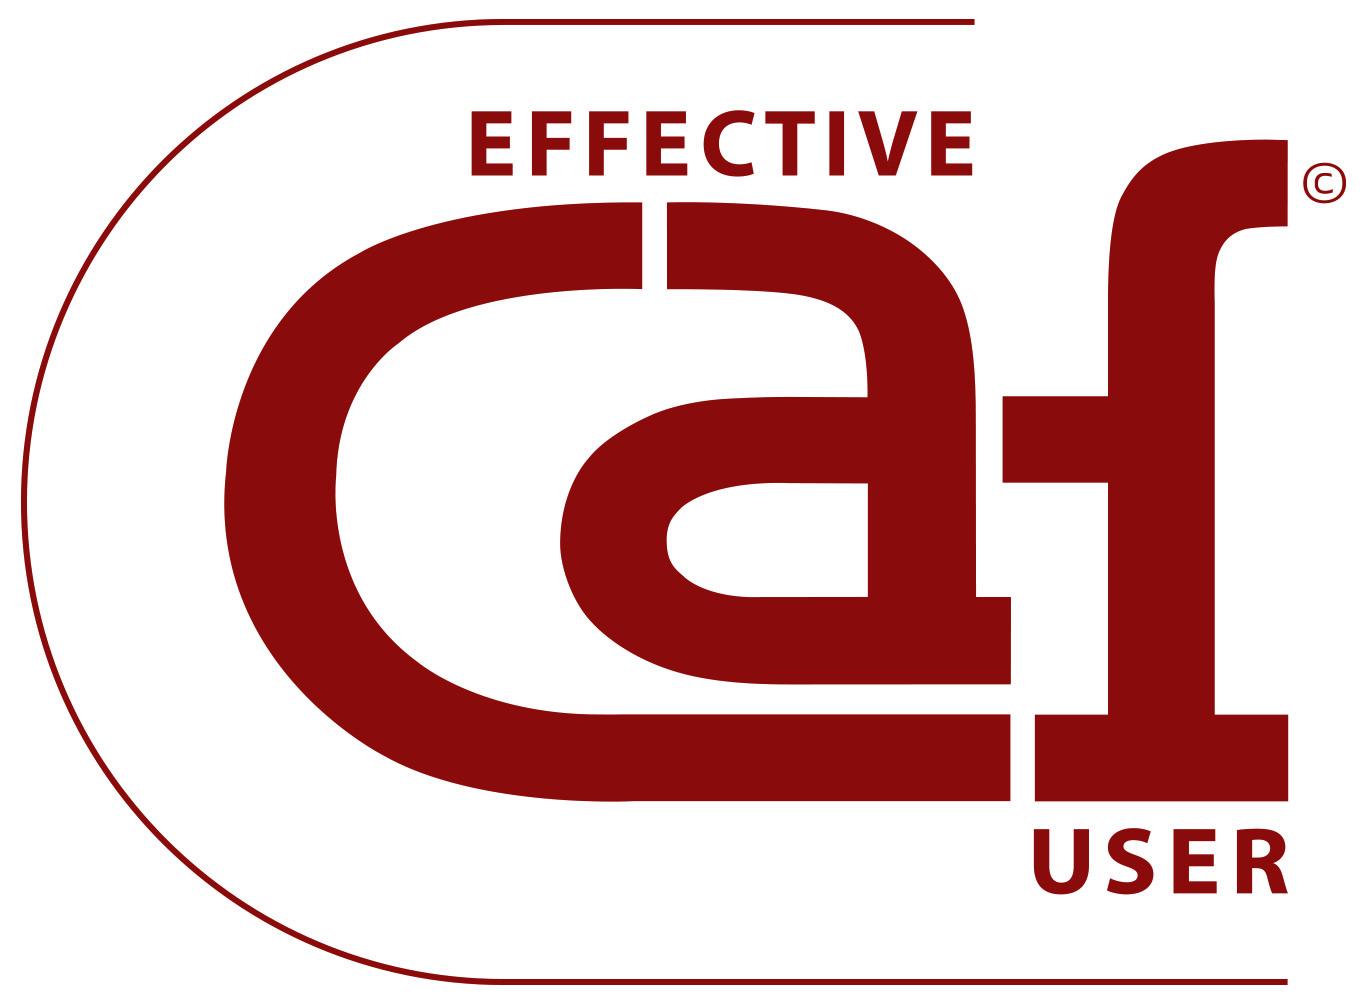 Effective CAF User